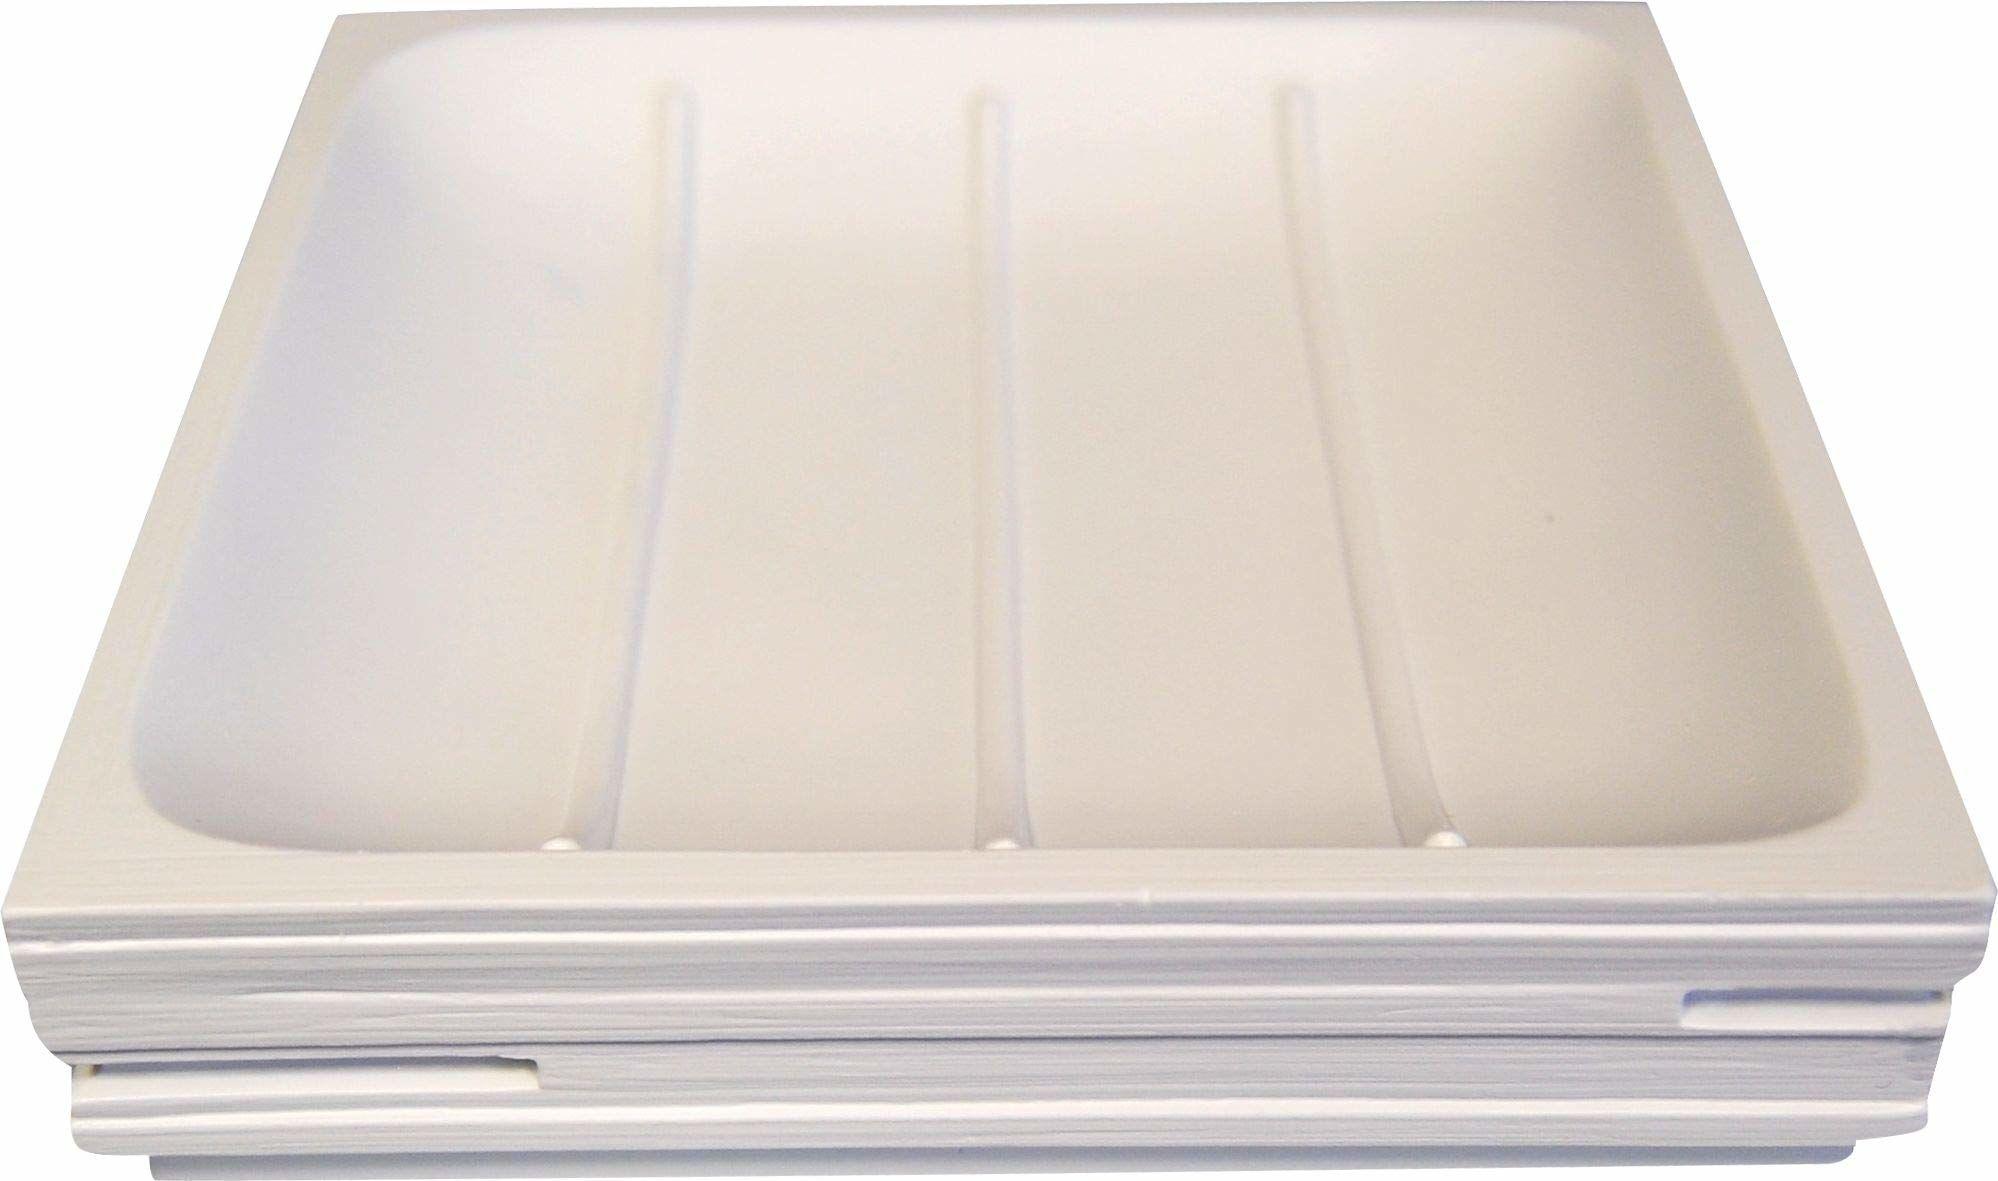 Grund BRICK mydelniczka 11,6 x 11,6 x 2,6 cm białe akcesoria, 100% żywica poliestrowa, 6 x 11,6 x 2,6 cm